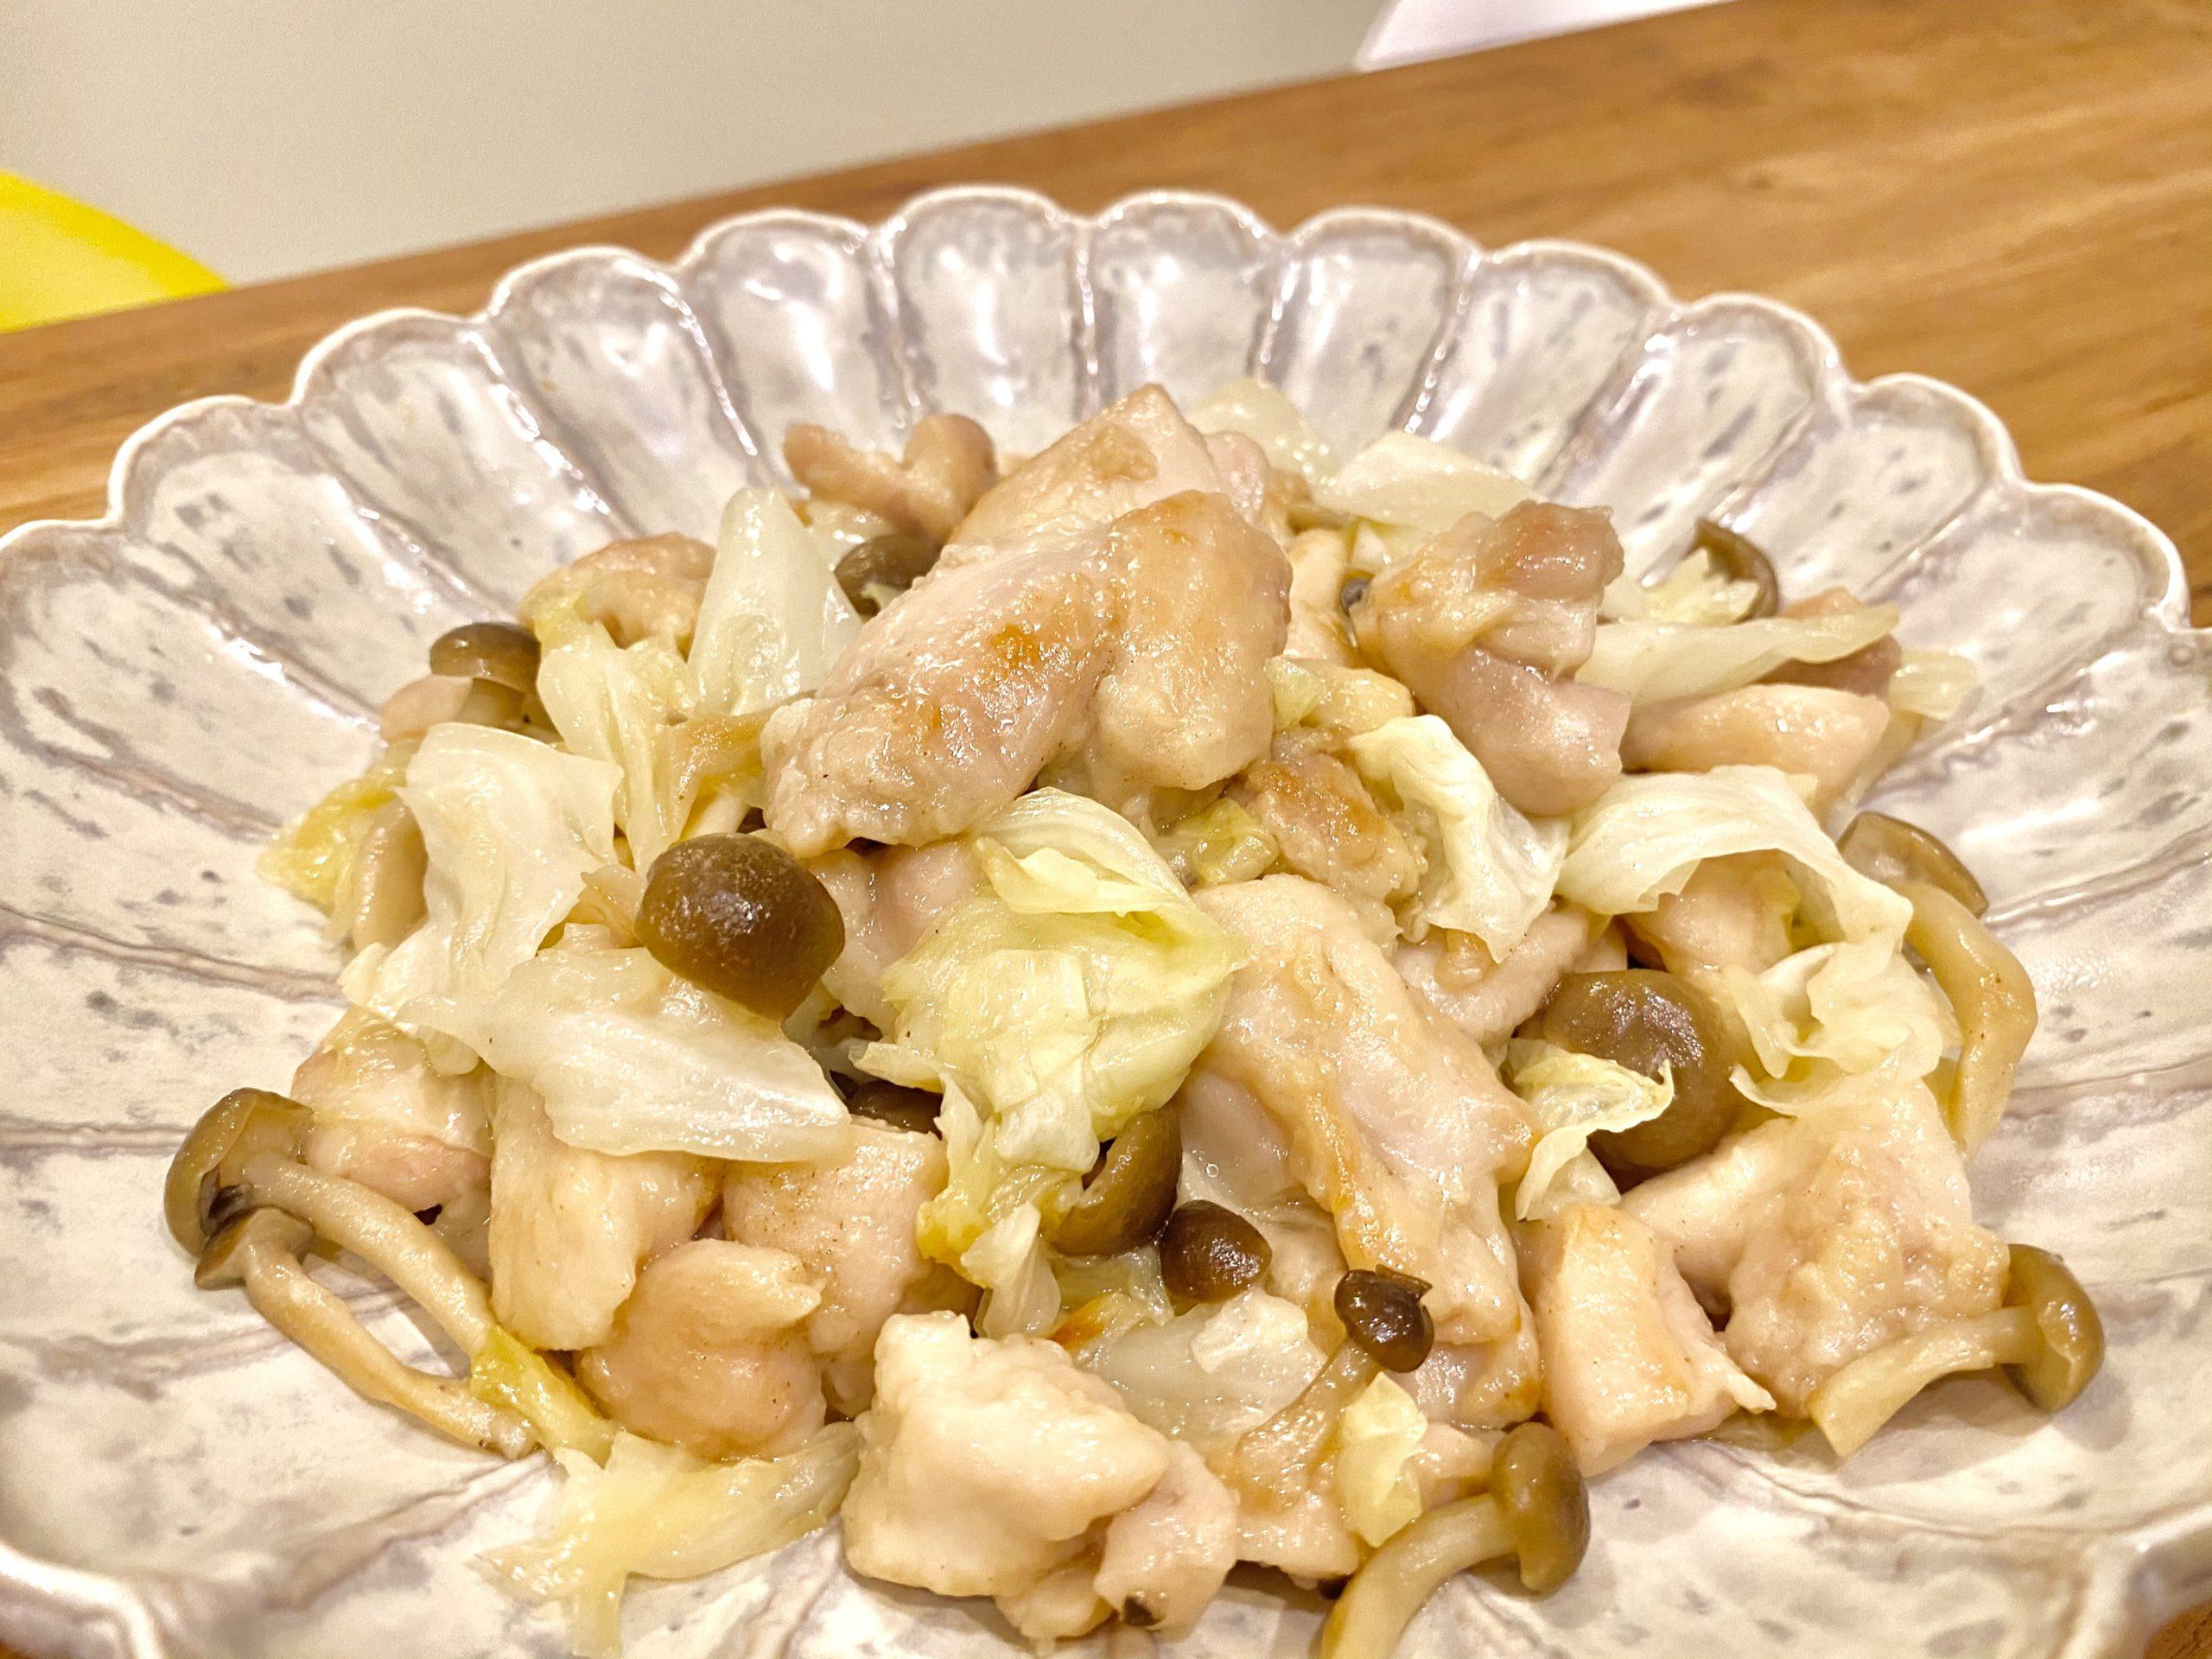 塩だれが旨い!「ぷりぷり鶏もも肉と野菜の塩だれ炒め」のレシピ